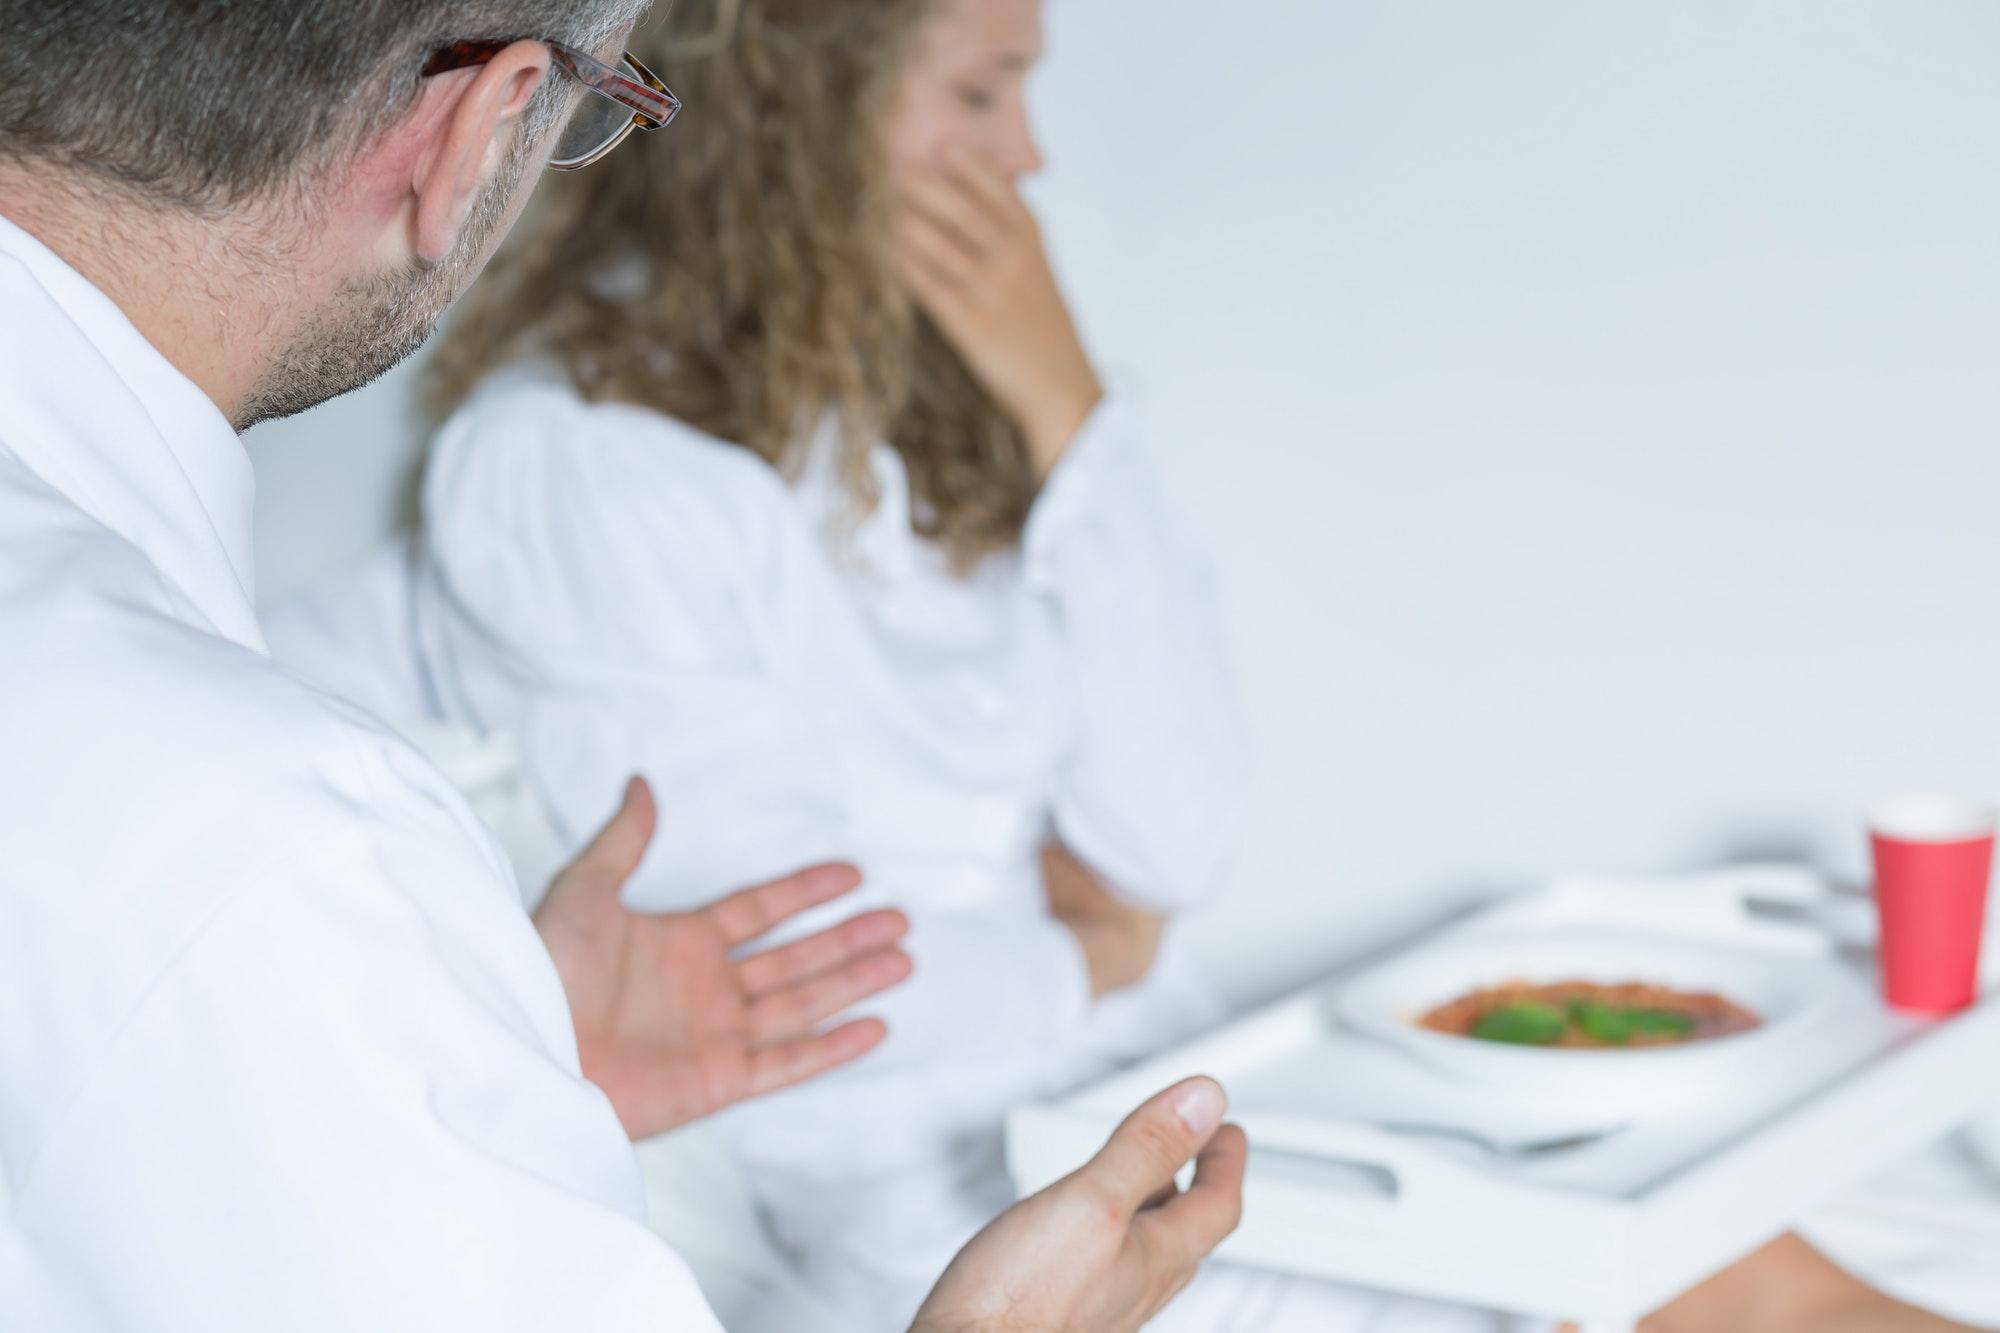 ¿Qué podemos hacer como padres si observamos que nuestro hijo/a empieza a tener dificultades para comer o malestar en torno a los alimentos?